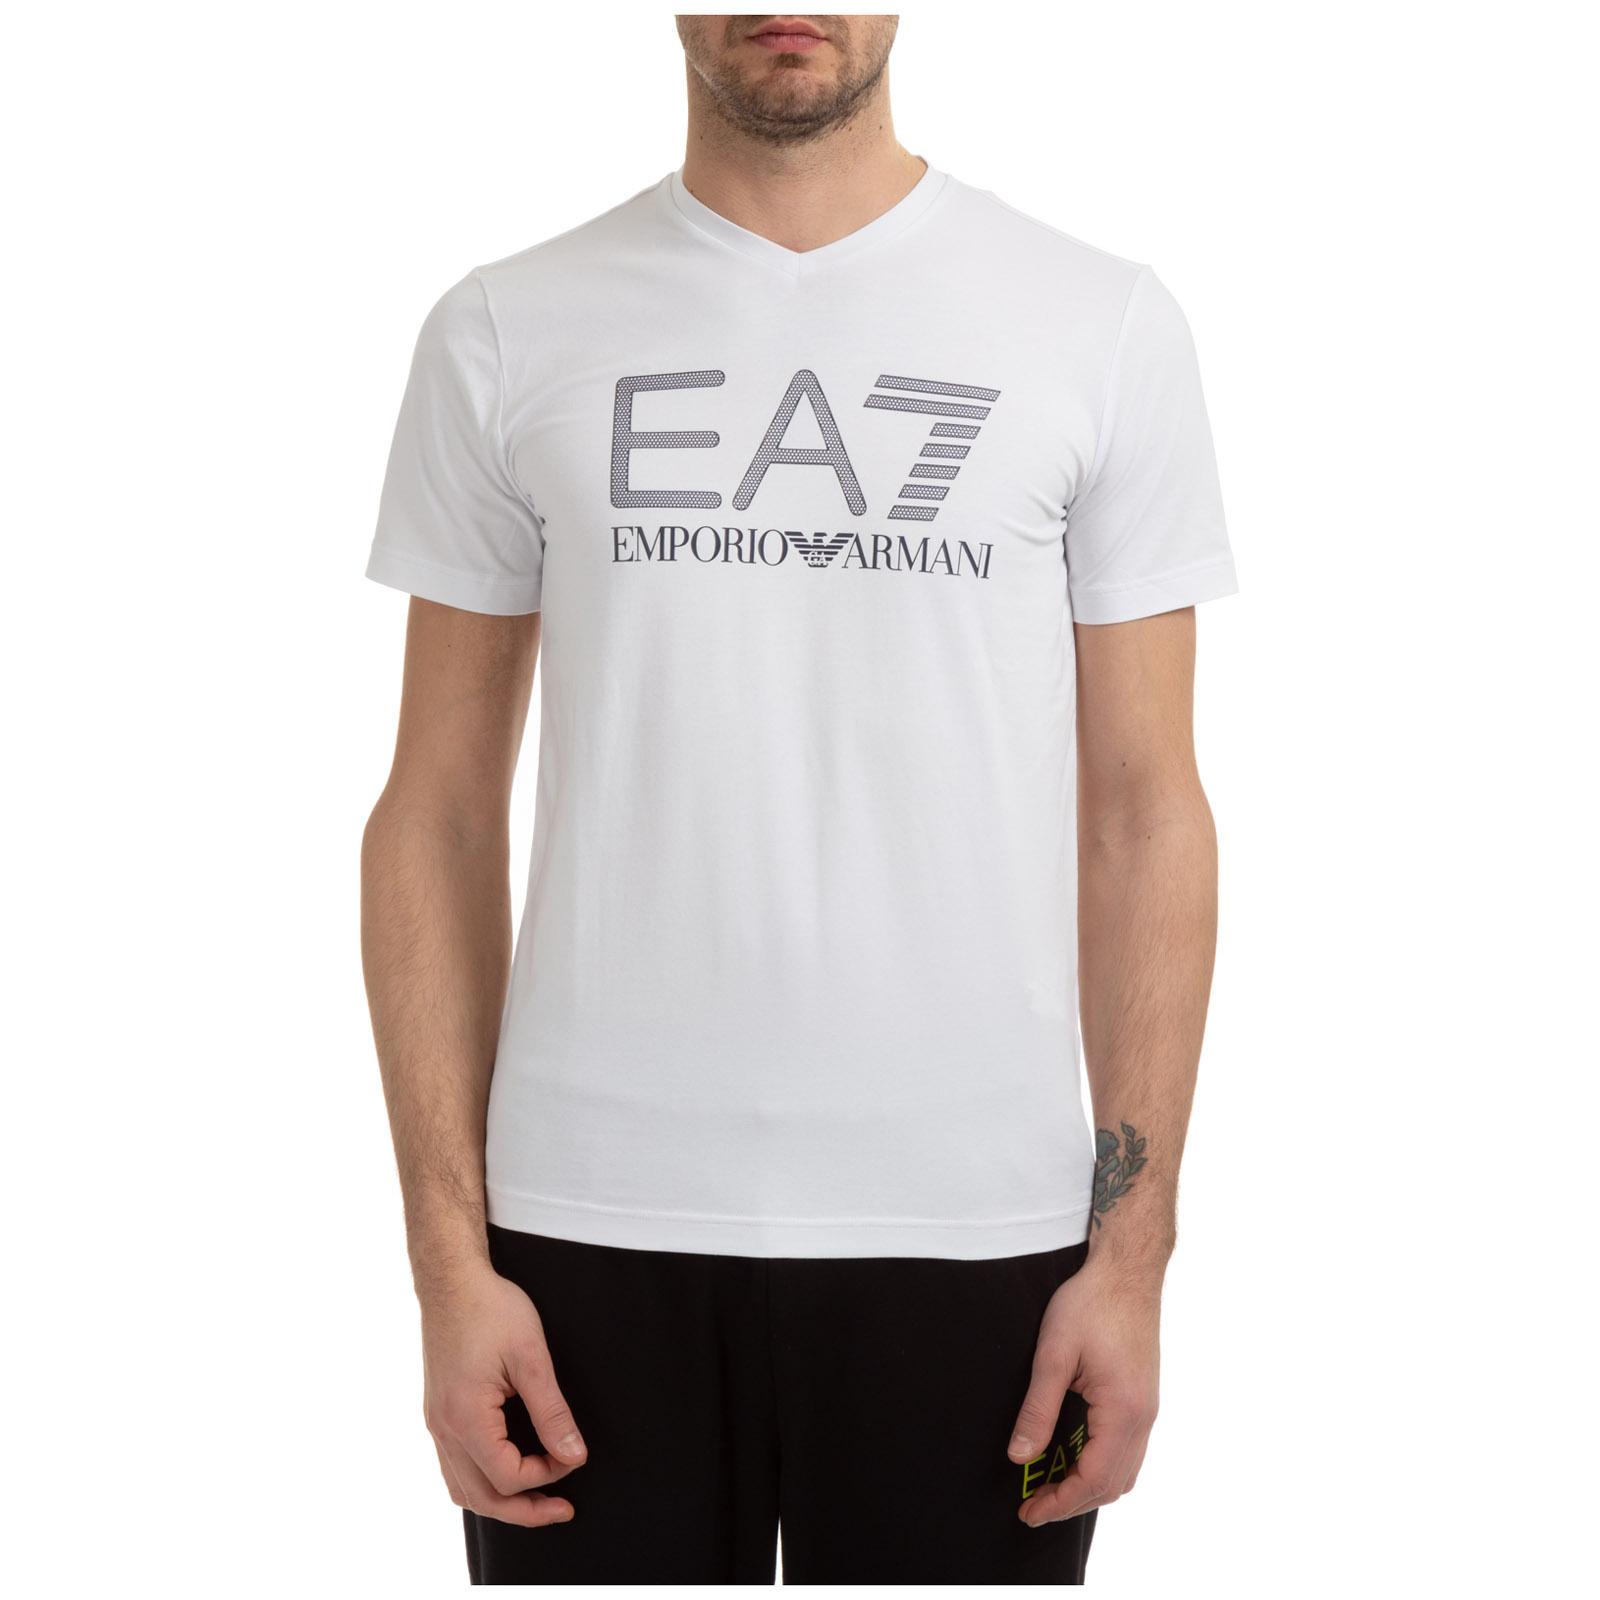 T-shirt maglia maniche corte collo a v uomo